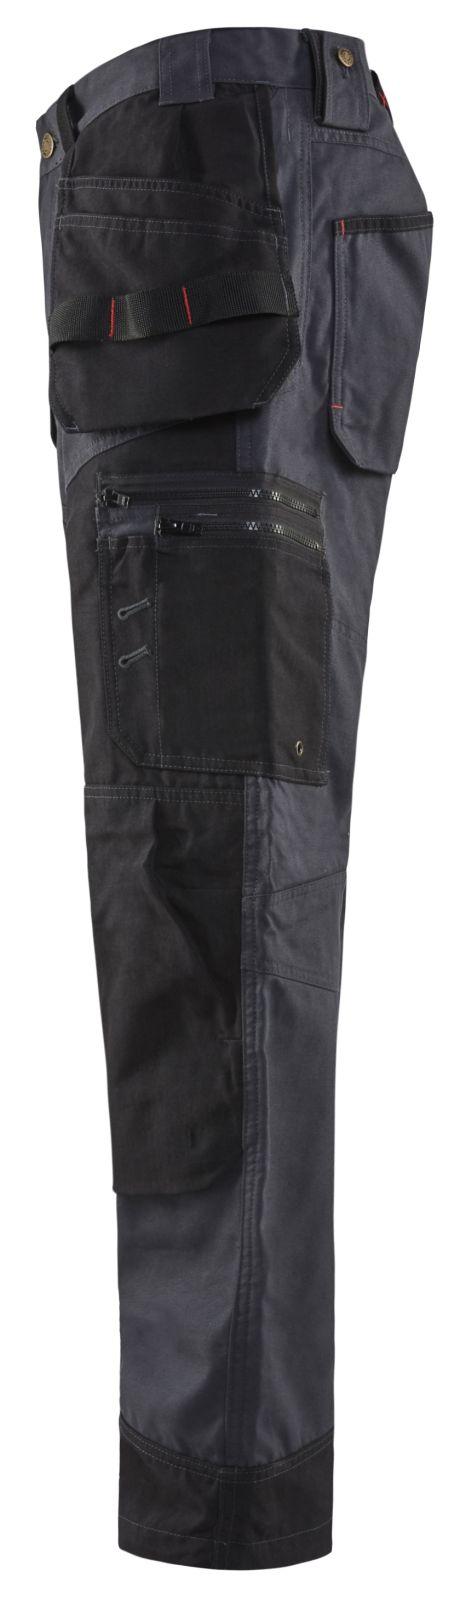 Blaklader Werkbroeken 15001320 staalblauw-zwart(8399)